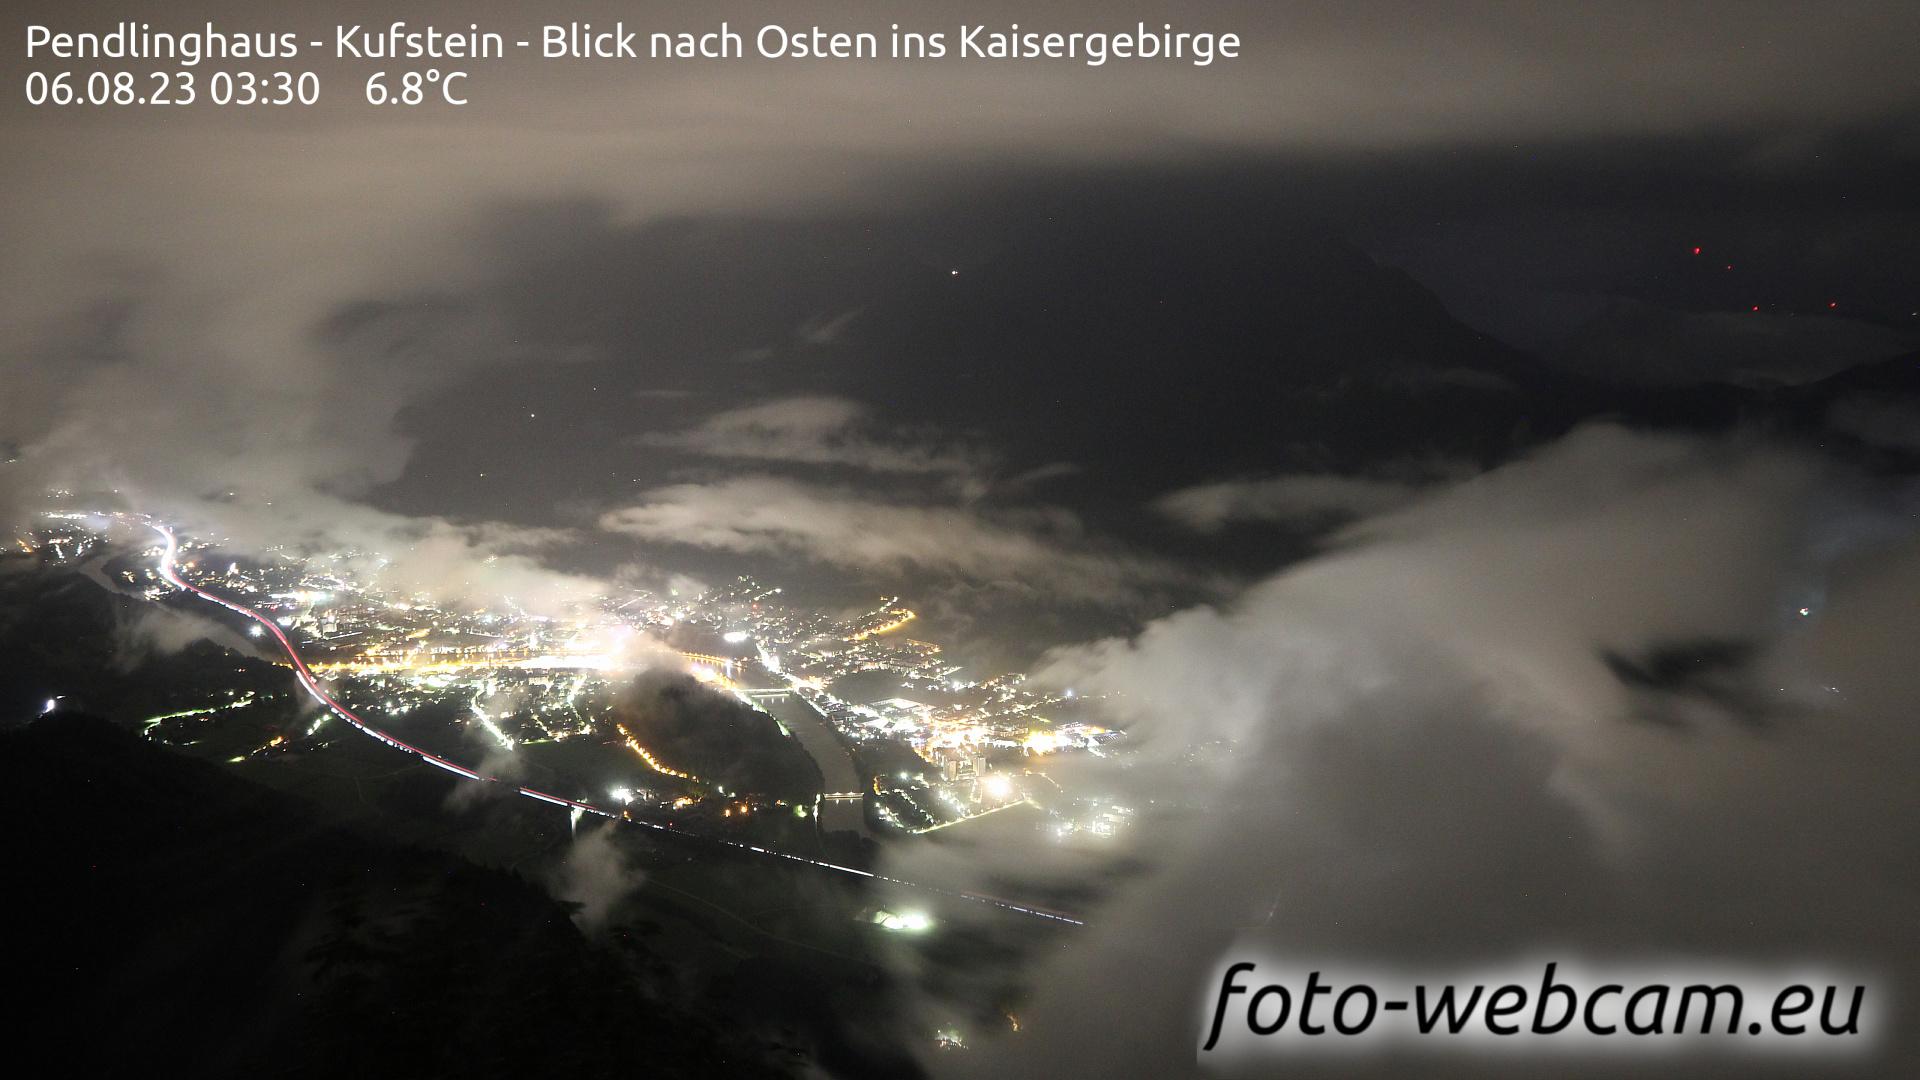 Kufstein Sun. 03:48